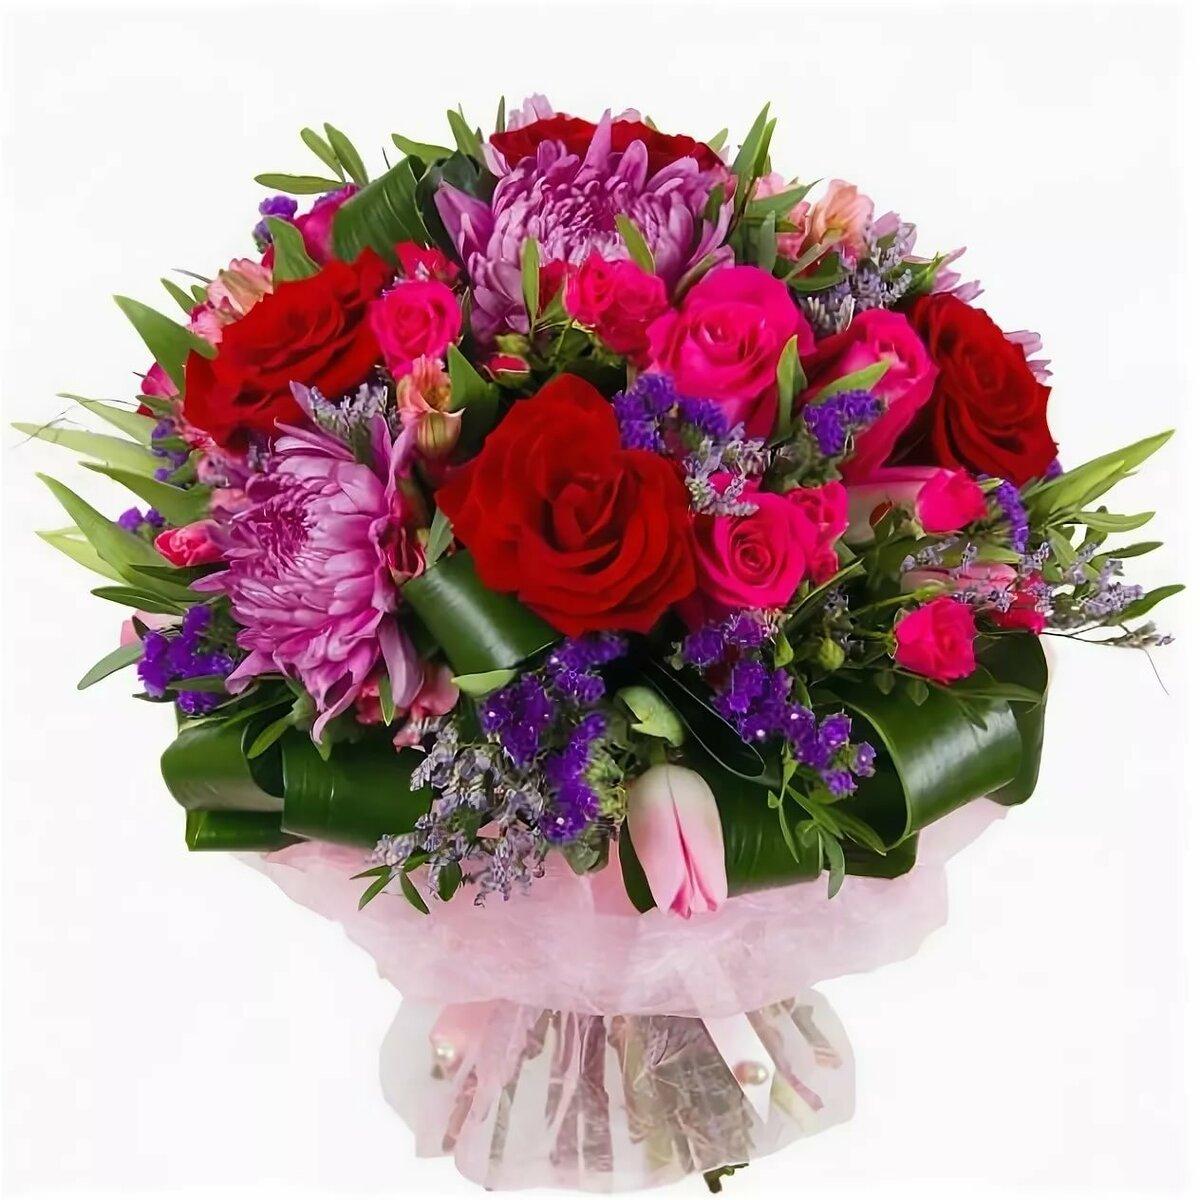 Букет, заказ цветов через интернет прокопьевск